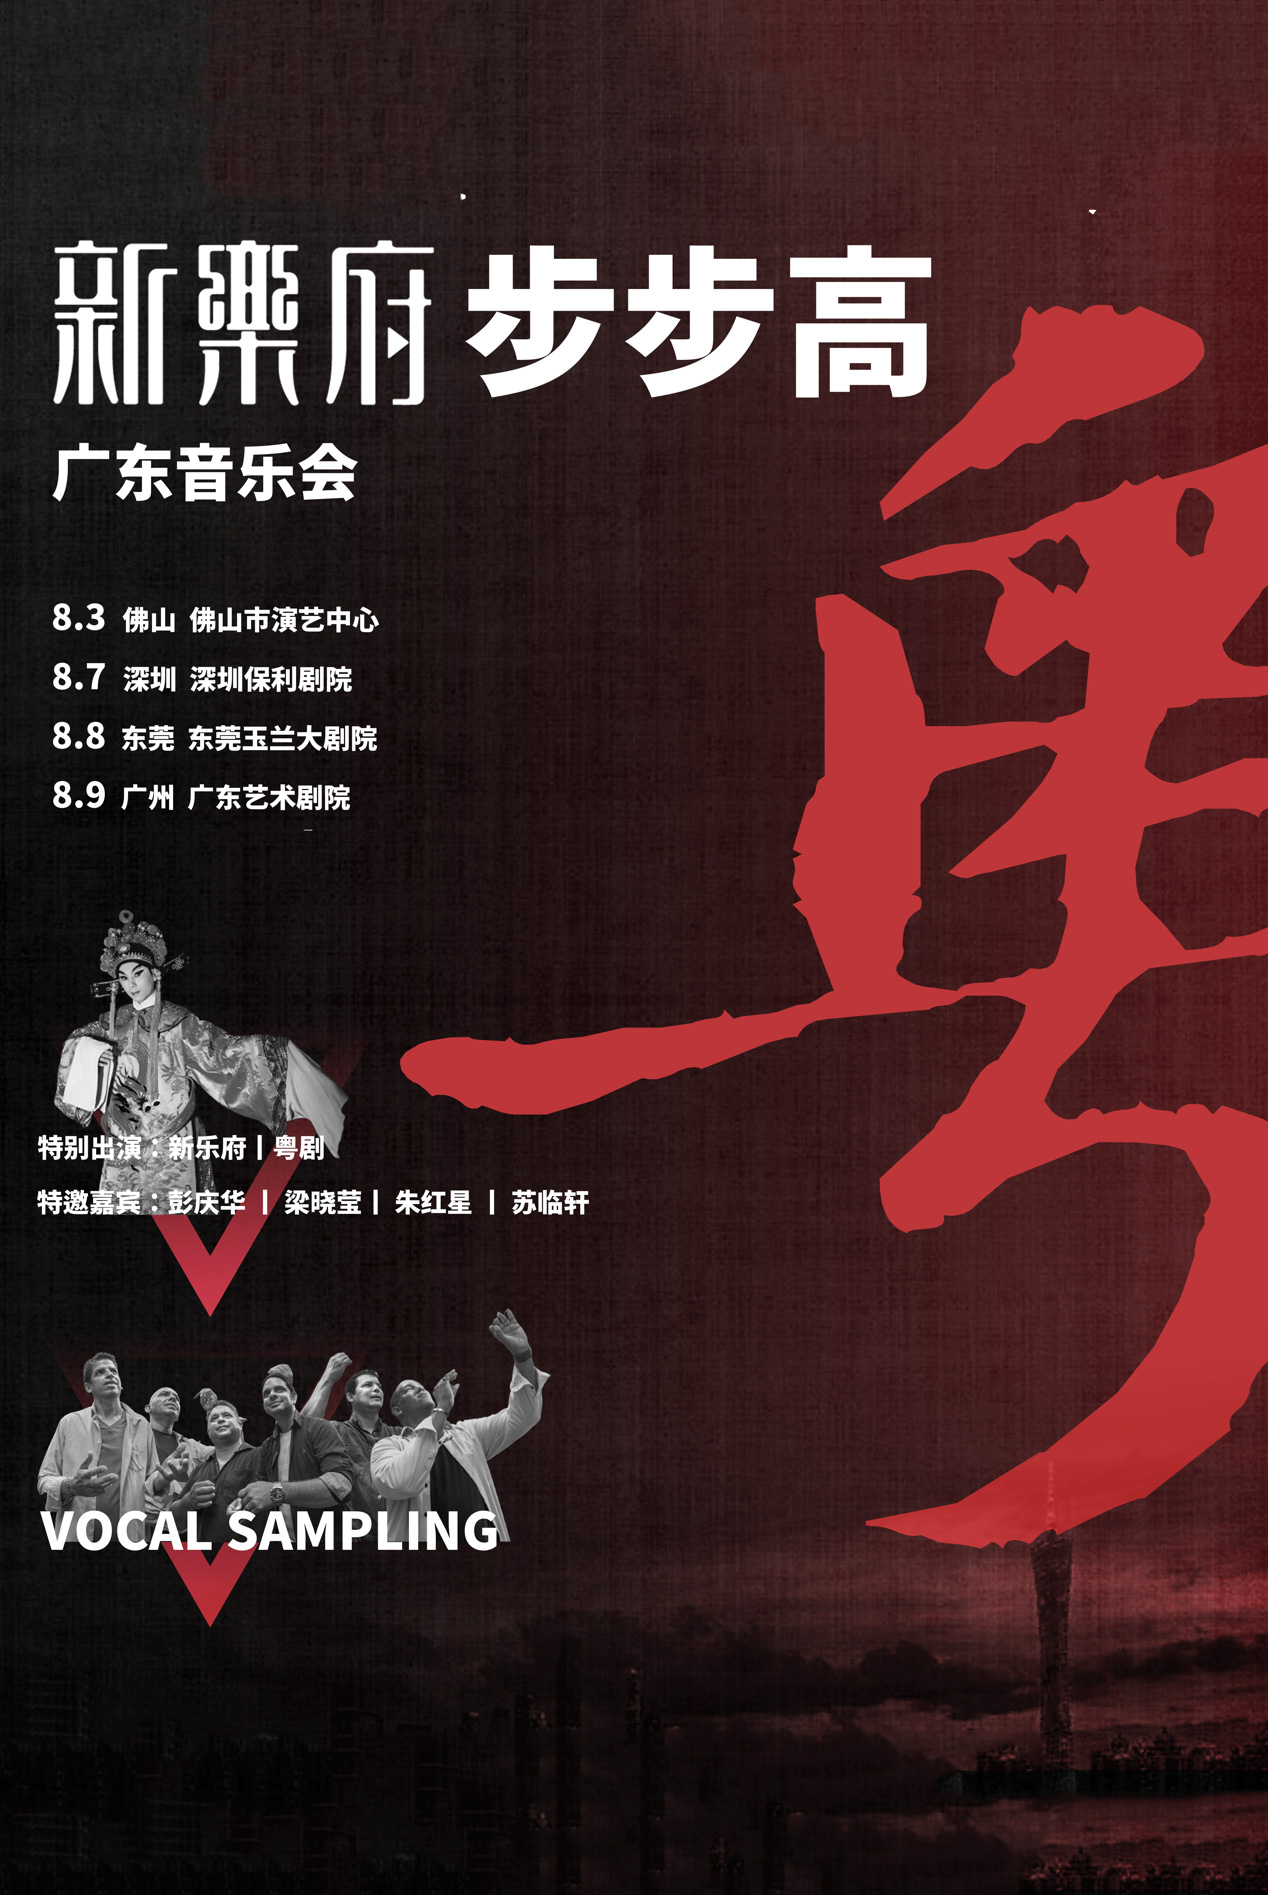 新乐府步步高广东音乐节深圳站